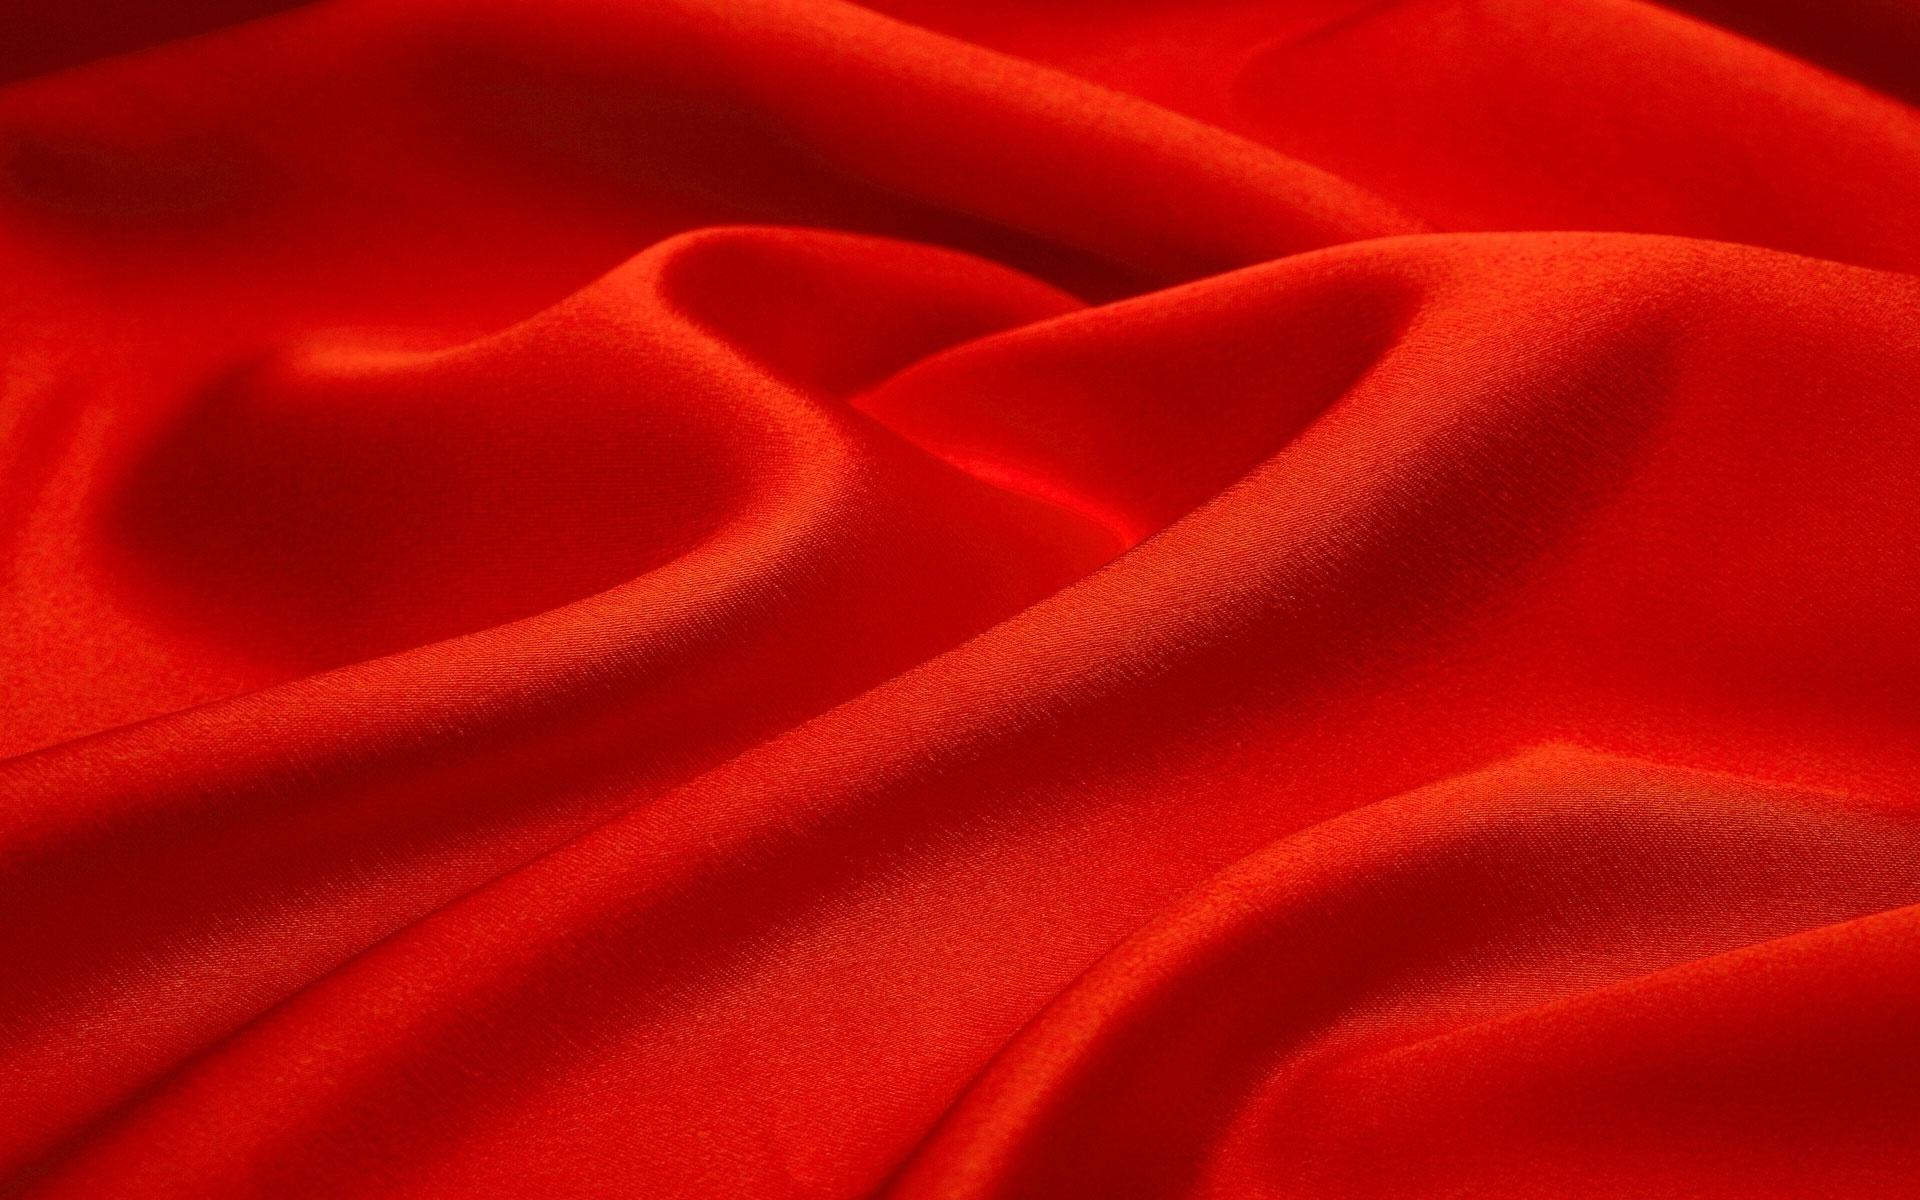 20 Excellent Hd Silk Wallpapers Hdwallsource Com